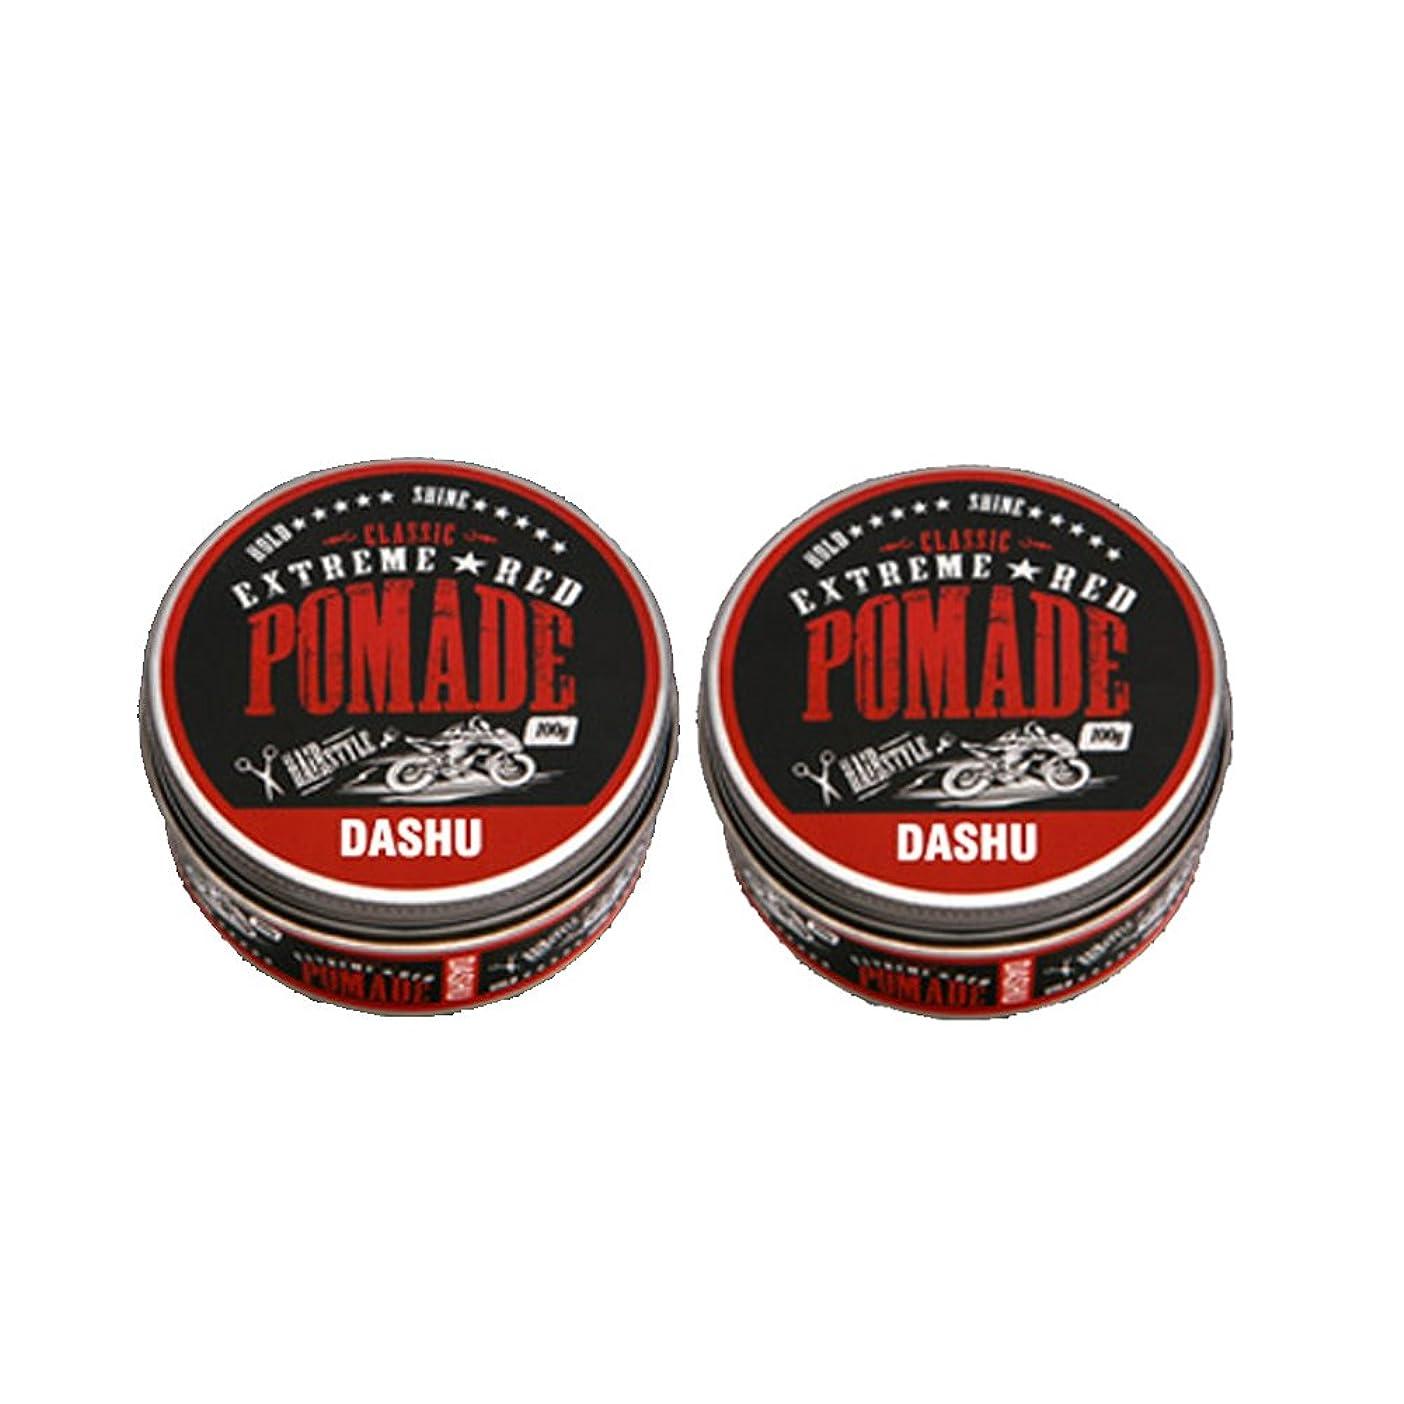 測る洗うにやにや(2個セット) x [DASHU] ダシュ クラシックエクストリームレッドポマード Classic Extreme Red Pomade Hair Wax 100ml / 韓国製 . 韓国直送品